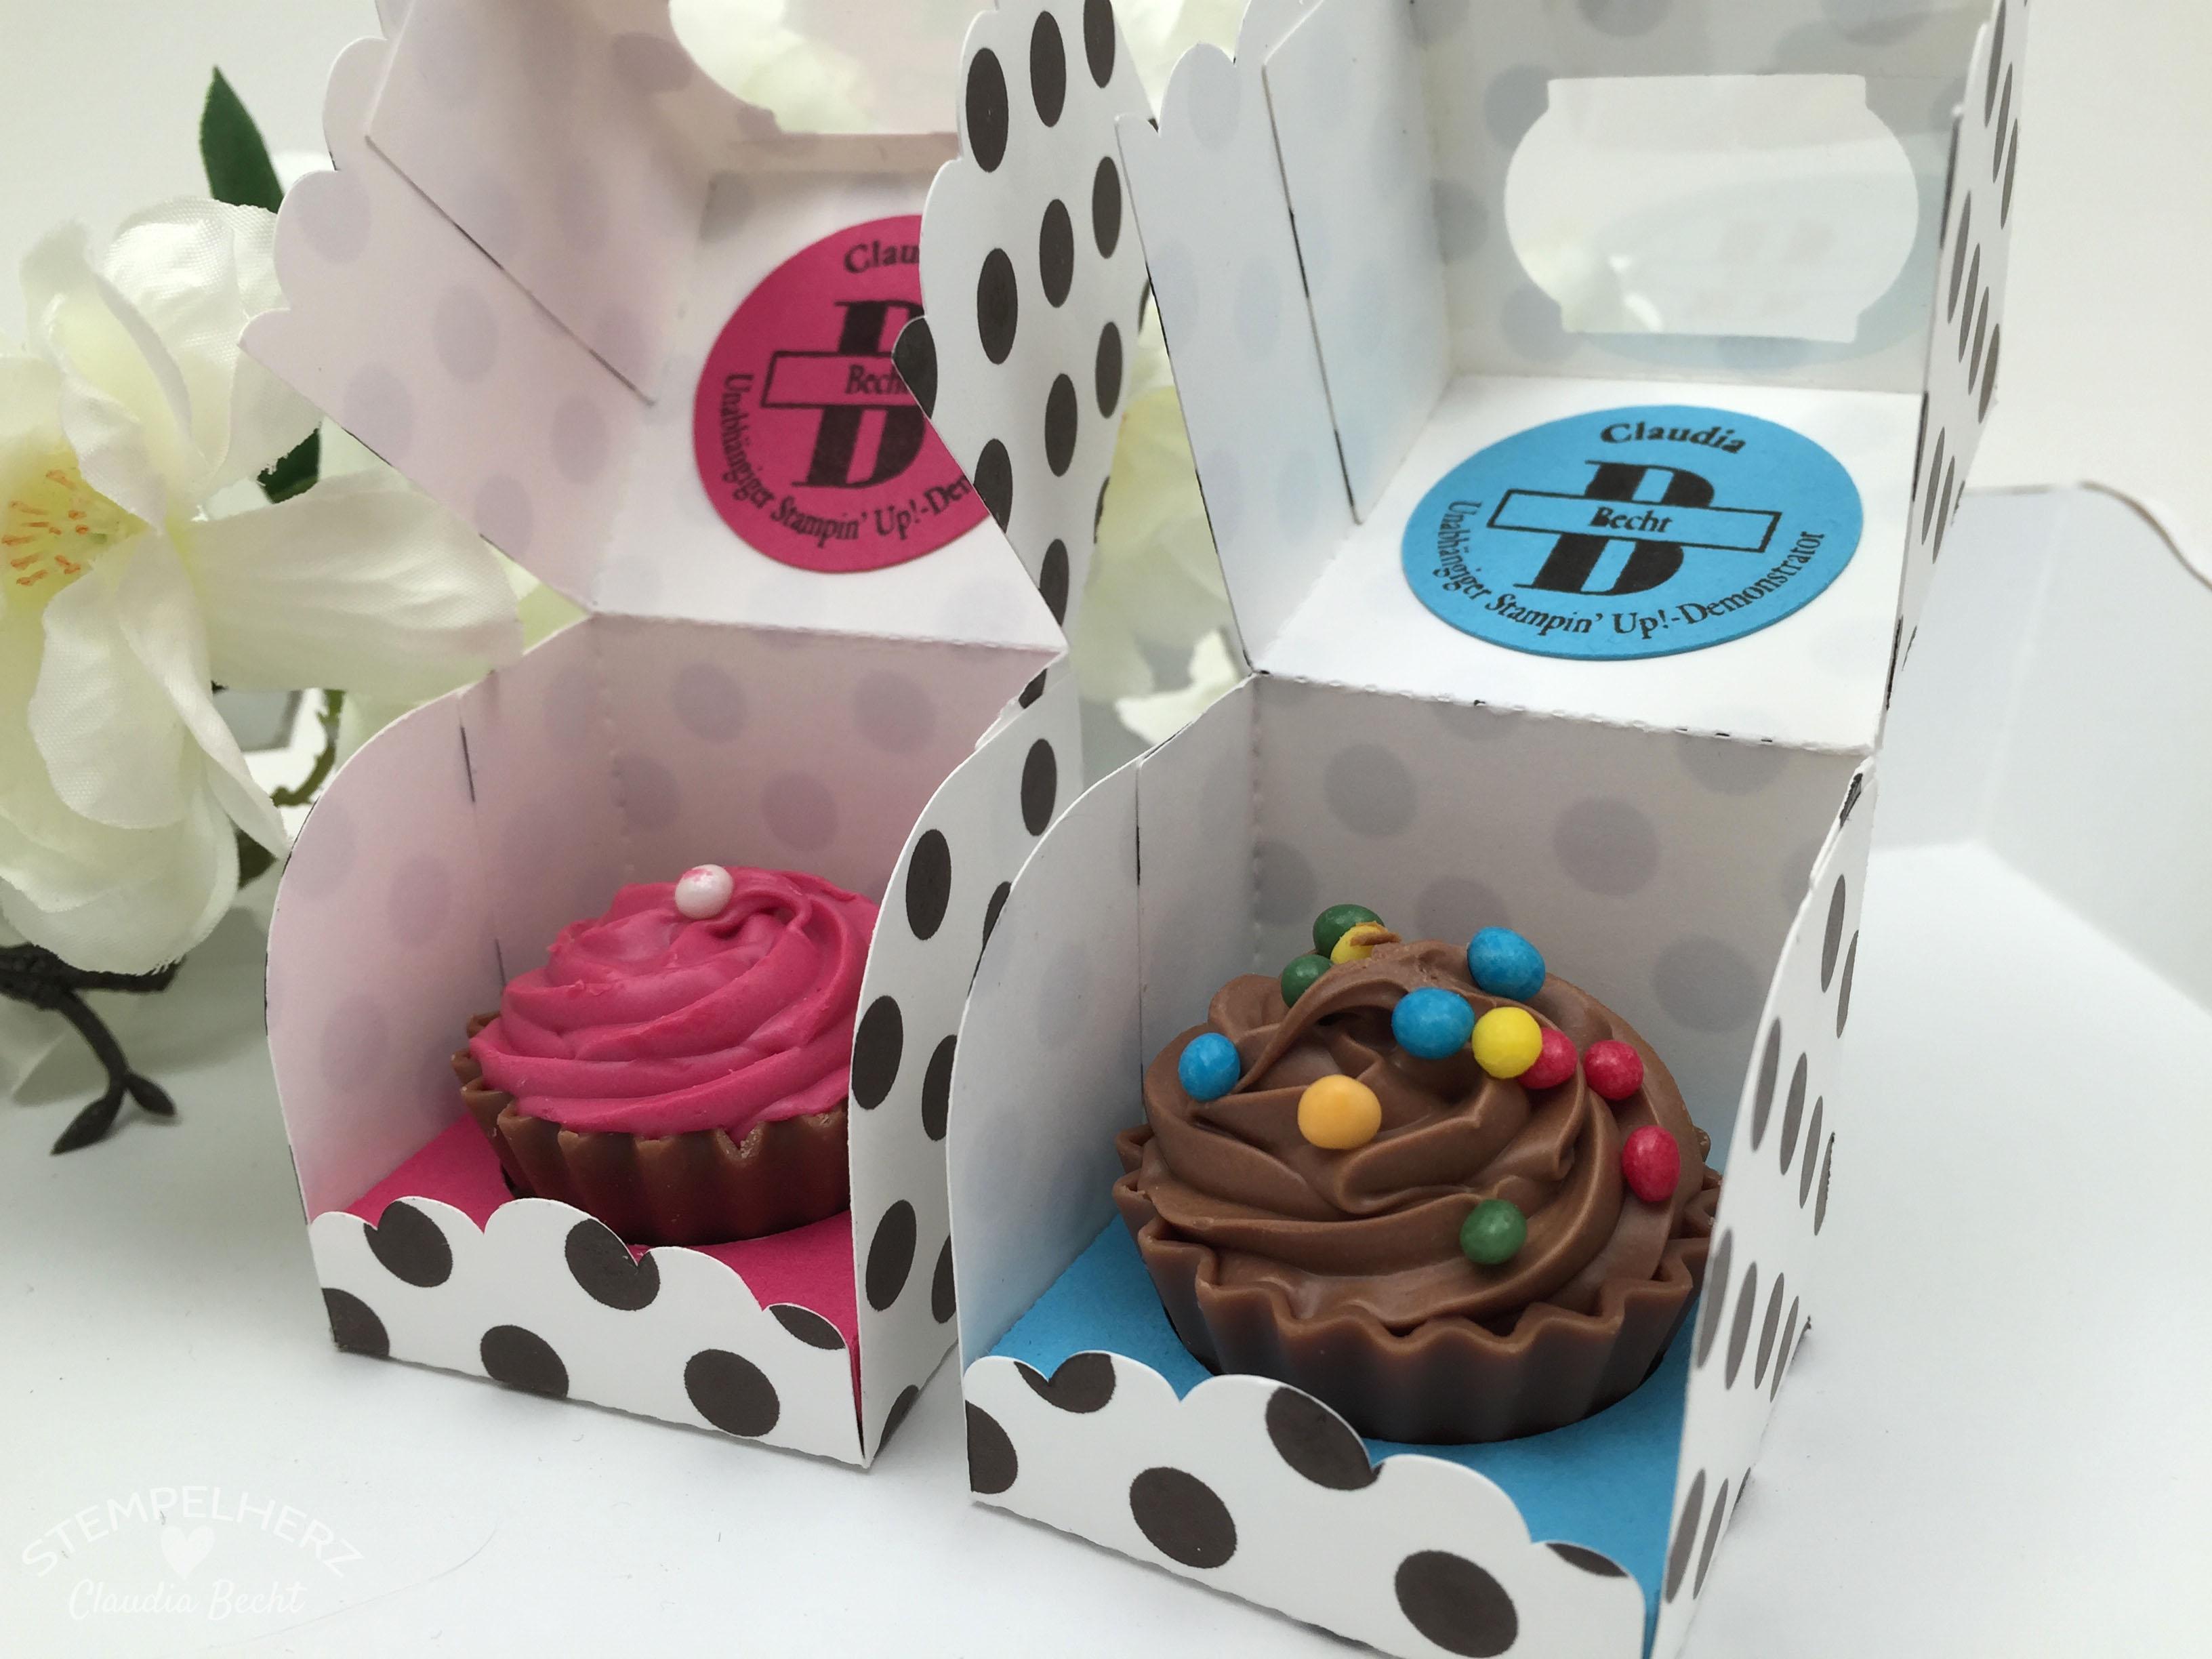 Stampin Up-Stempelherz-Verpackung-Box-Cupcakeverpackung-Cupcake-Hausgemachte Leckerbissen-Pralinenschachtel-Cupcakepralinen-Verpackung 05